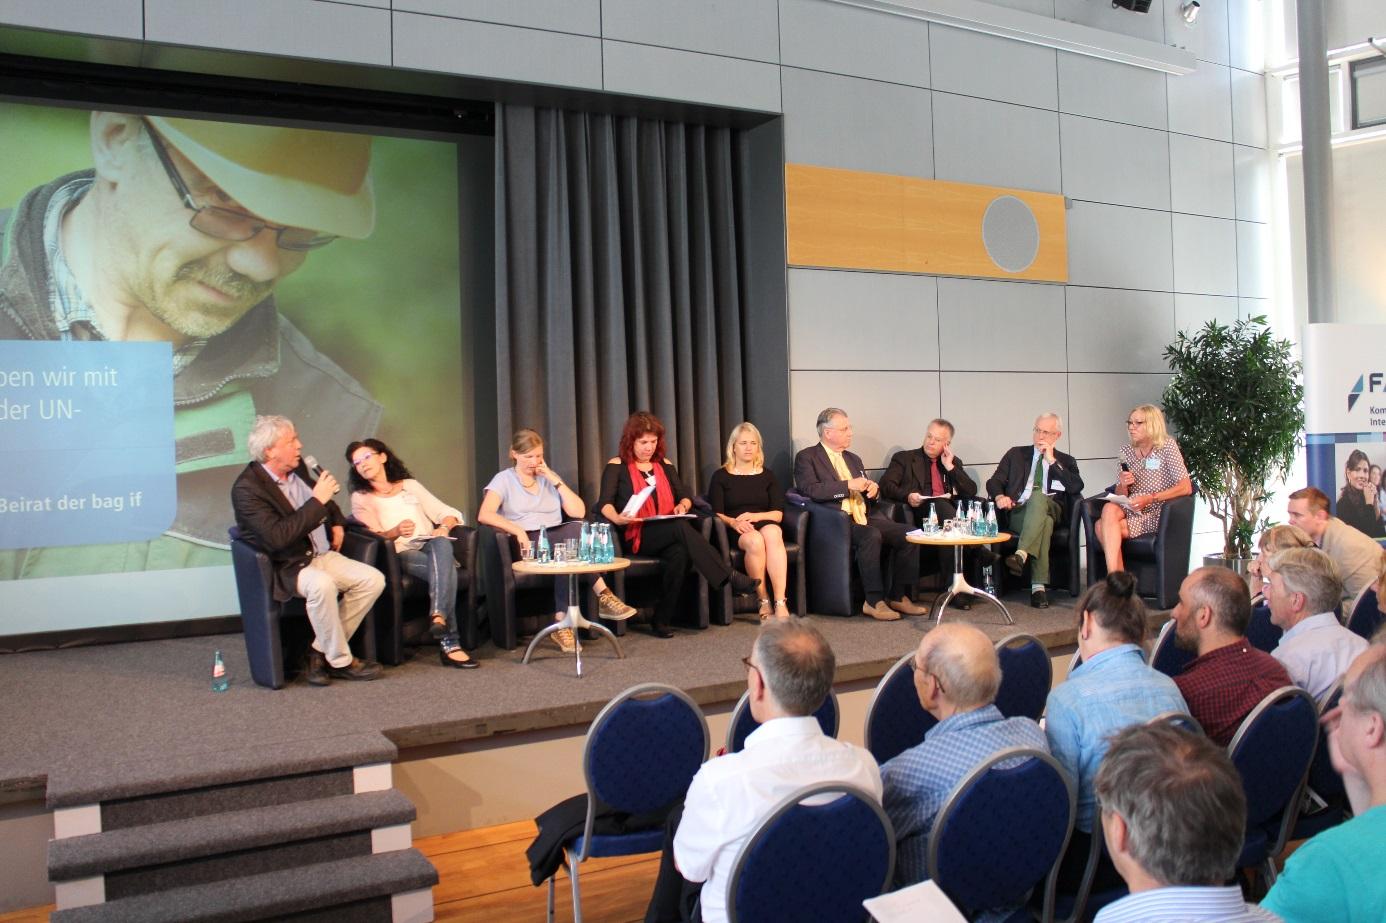 Foto der Podiumsdiskussion. V.l.n.r. sind zu sehen: Uwe Schummer (CDU), Waltraud Wolf (SPD), Corinna Rüffer (Grüne), Katrin Werner (DIE LINKE), Verena Bentele (Behindertenbeauftragte der Bundesregierung), Ulrich Adlhoch (BAG IF) und Dr. Fritz Bauer (BAG